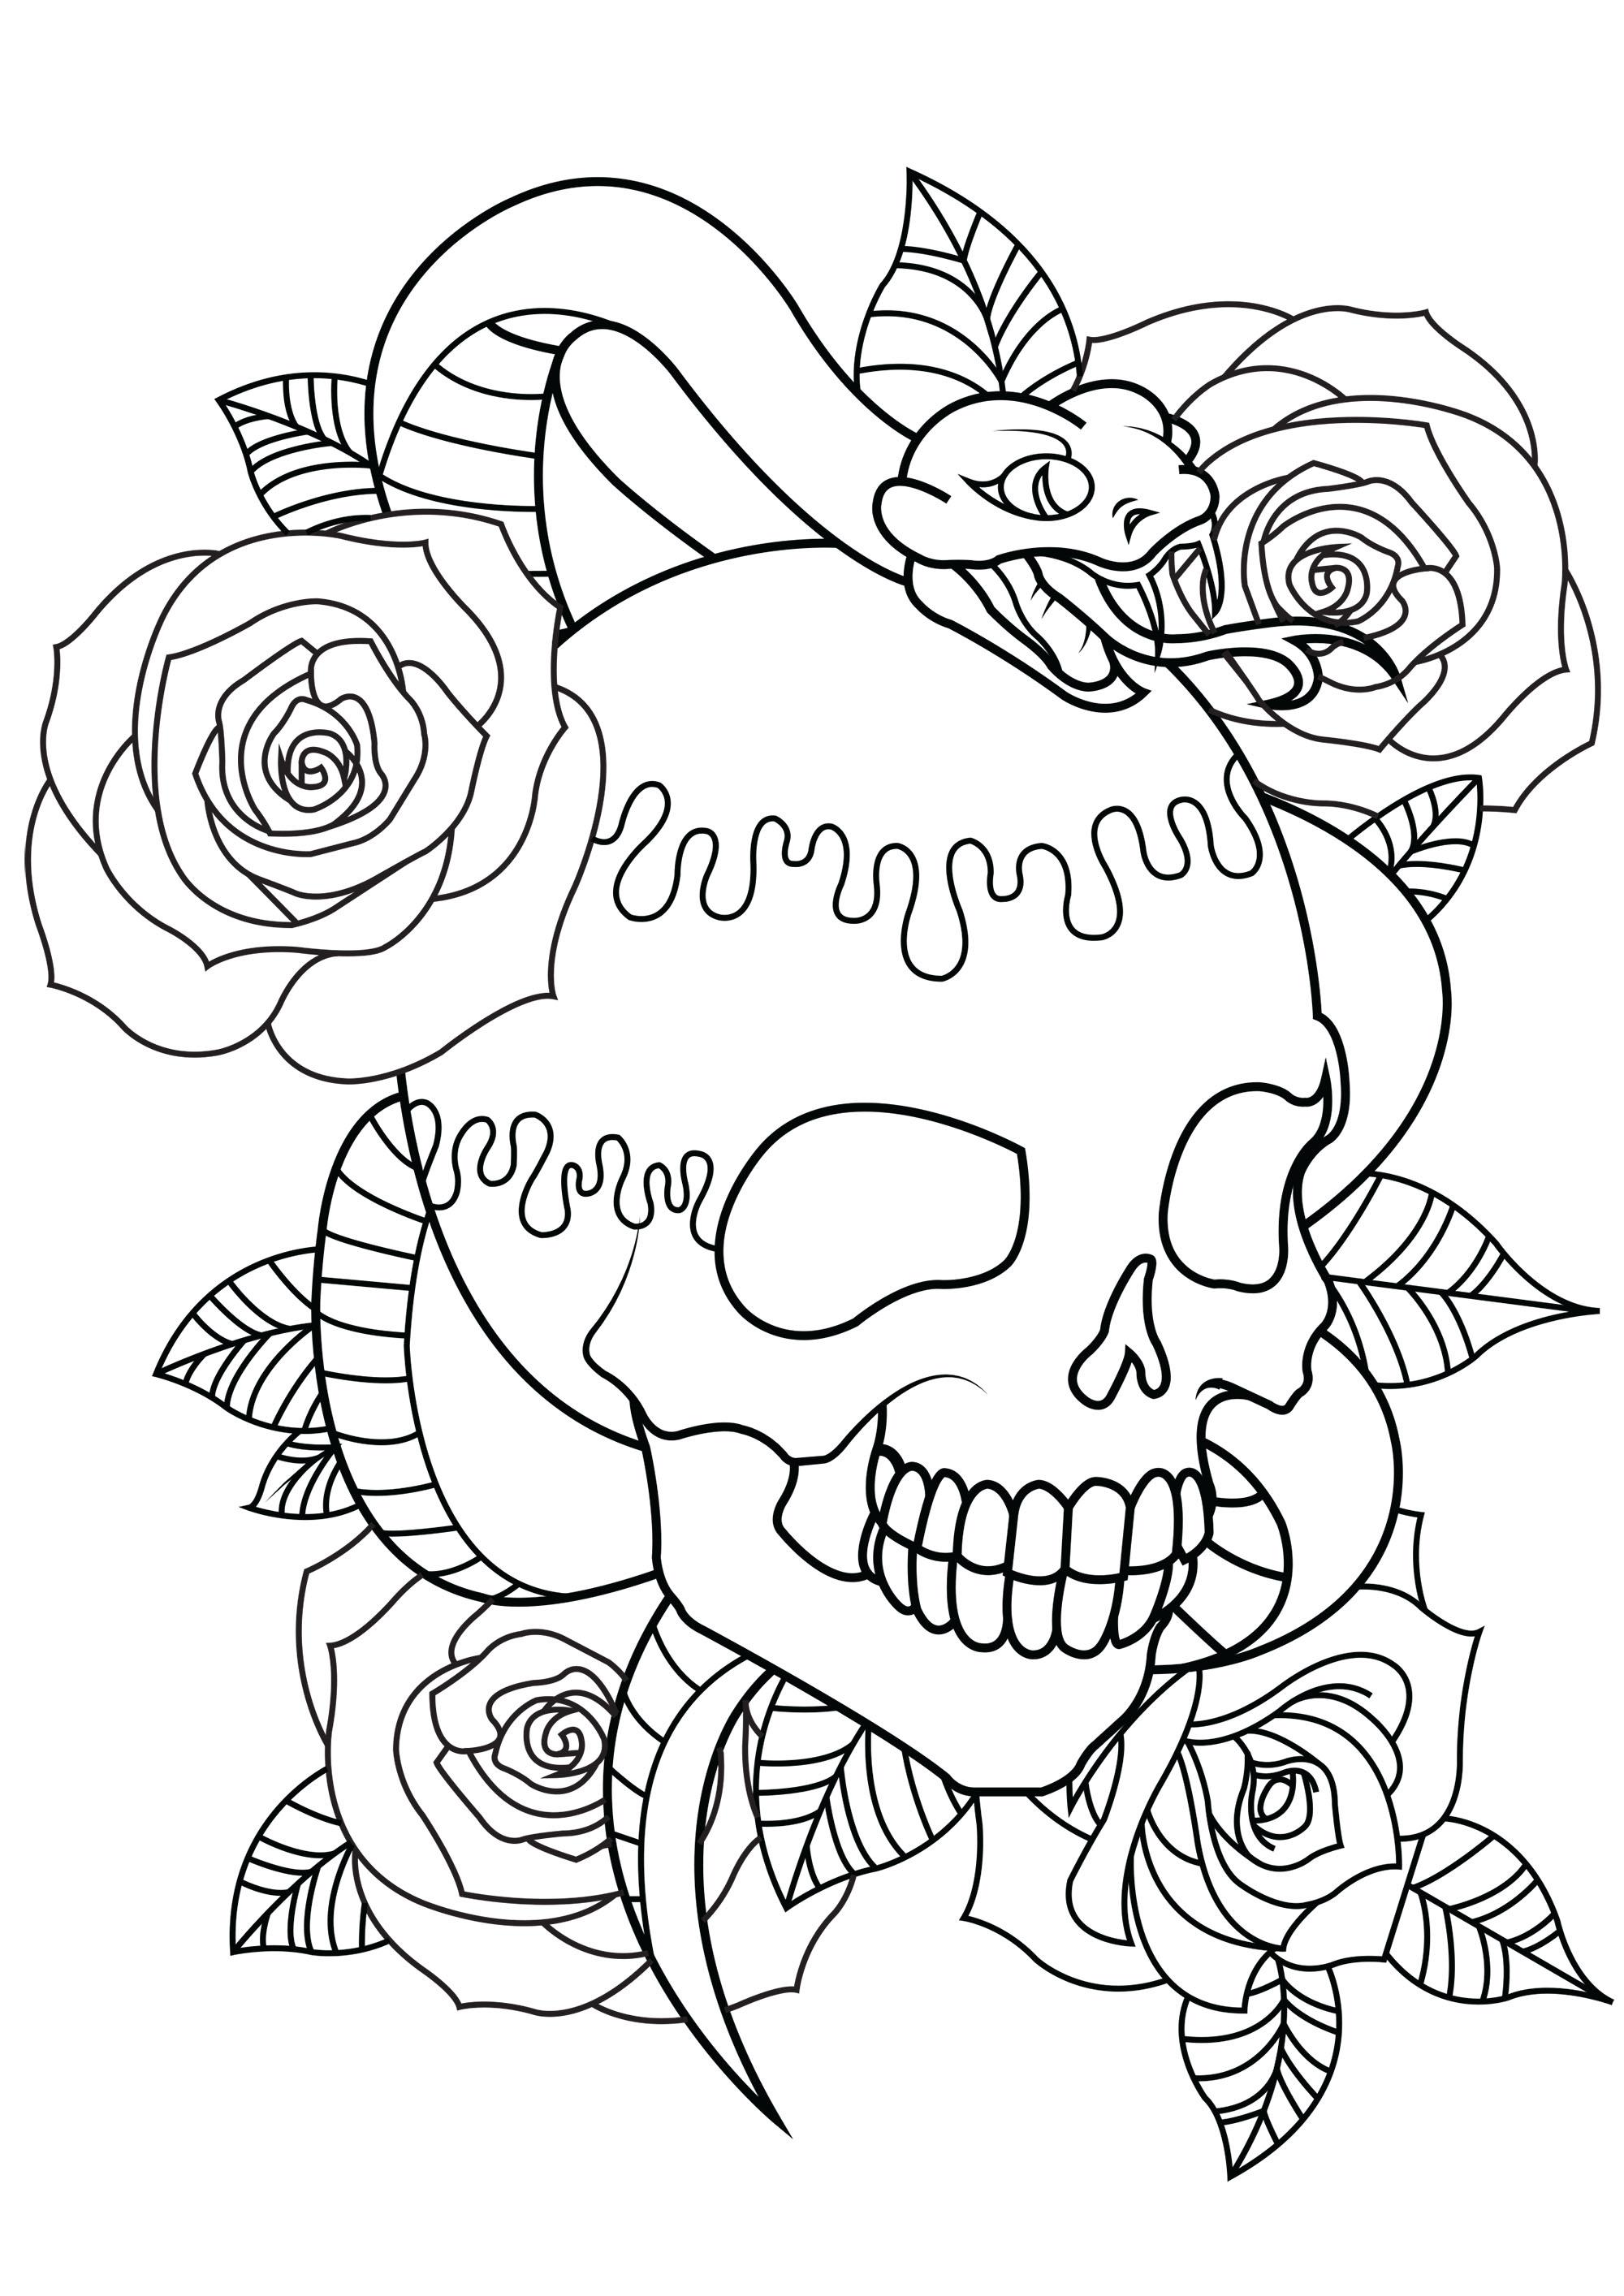 Colorear para Adultos : Tatuajes - 1 - Esta imagen contiene : Rosa, Cráneo